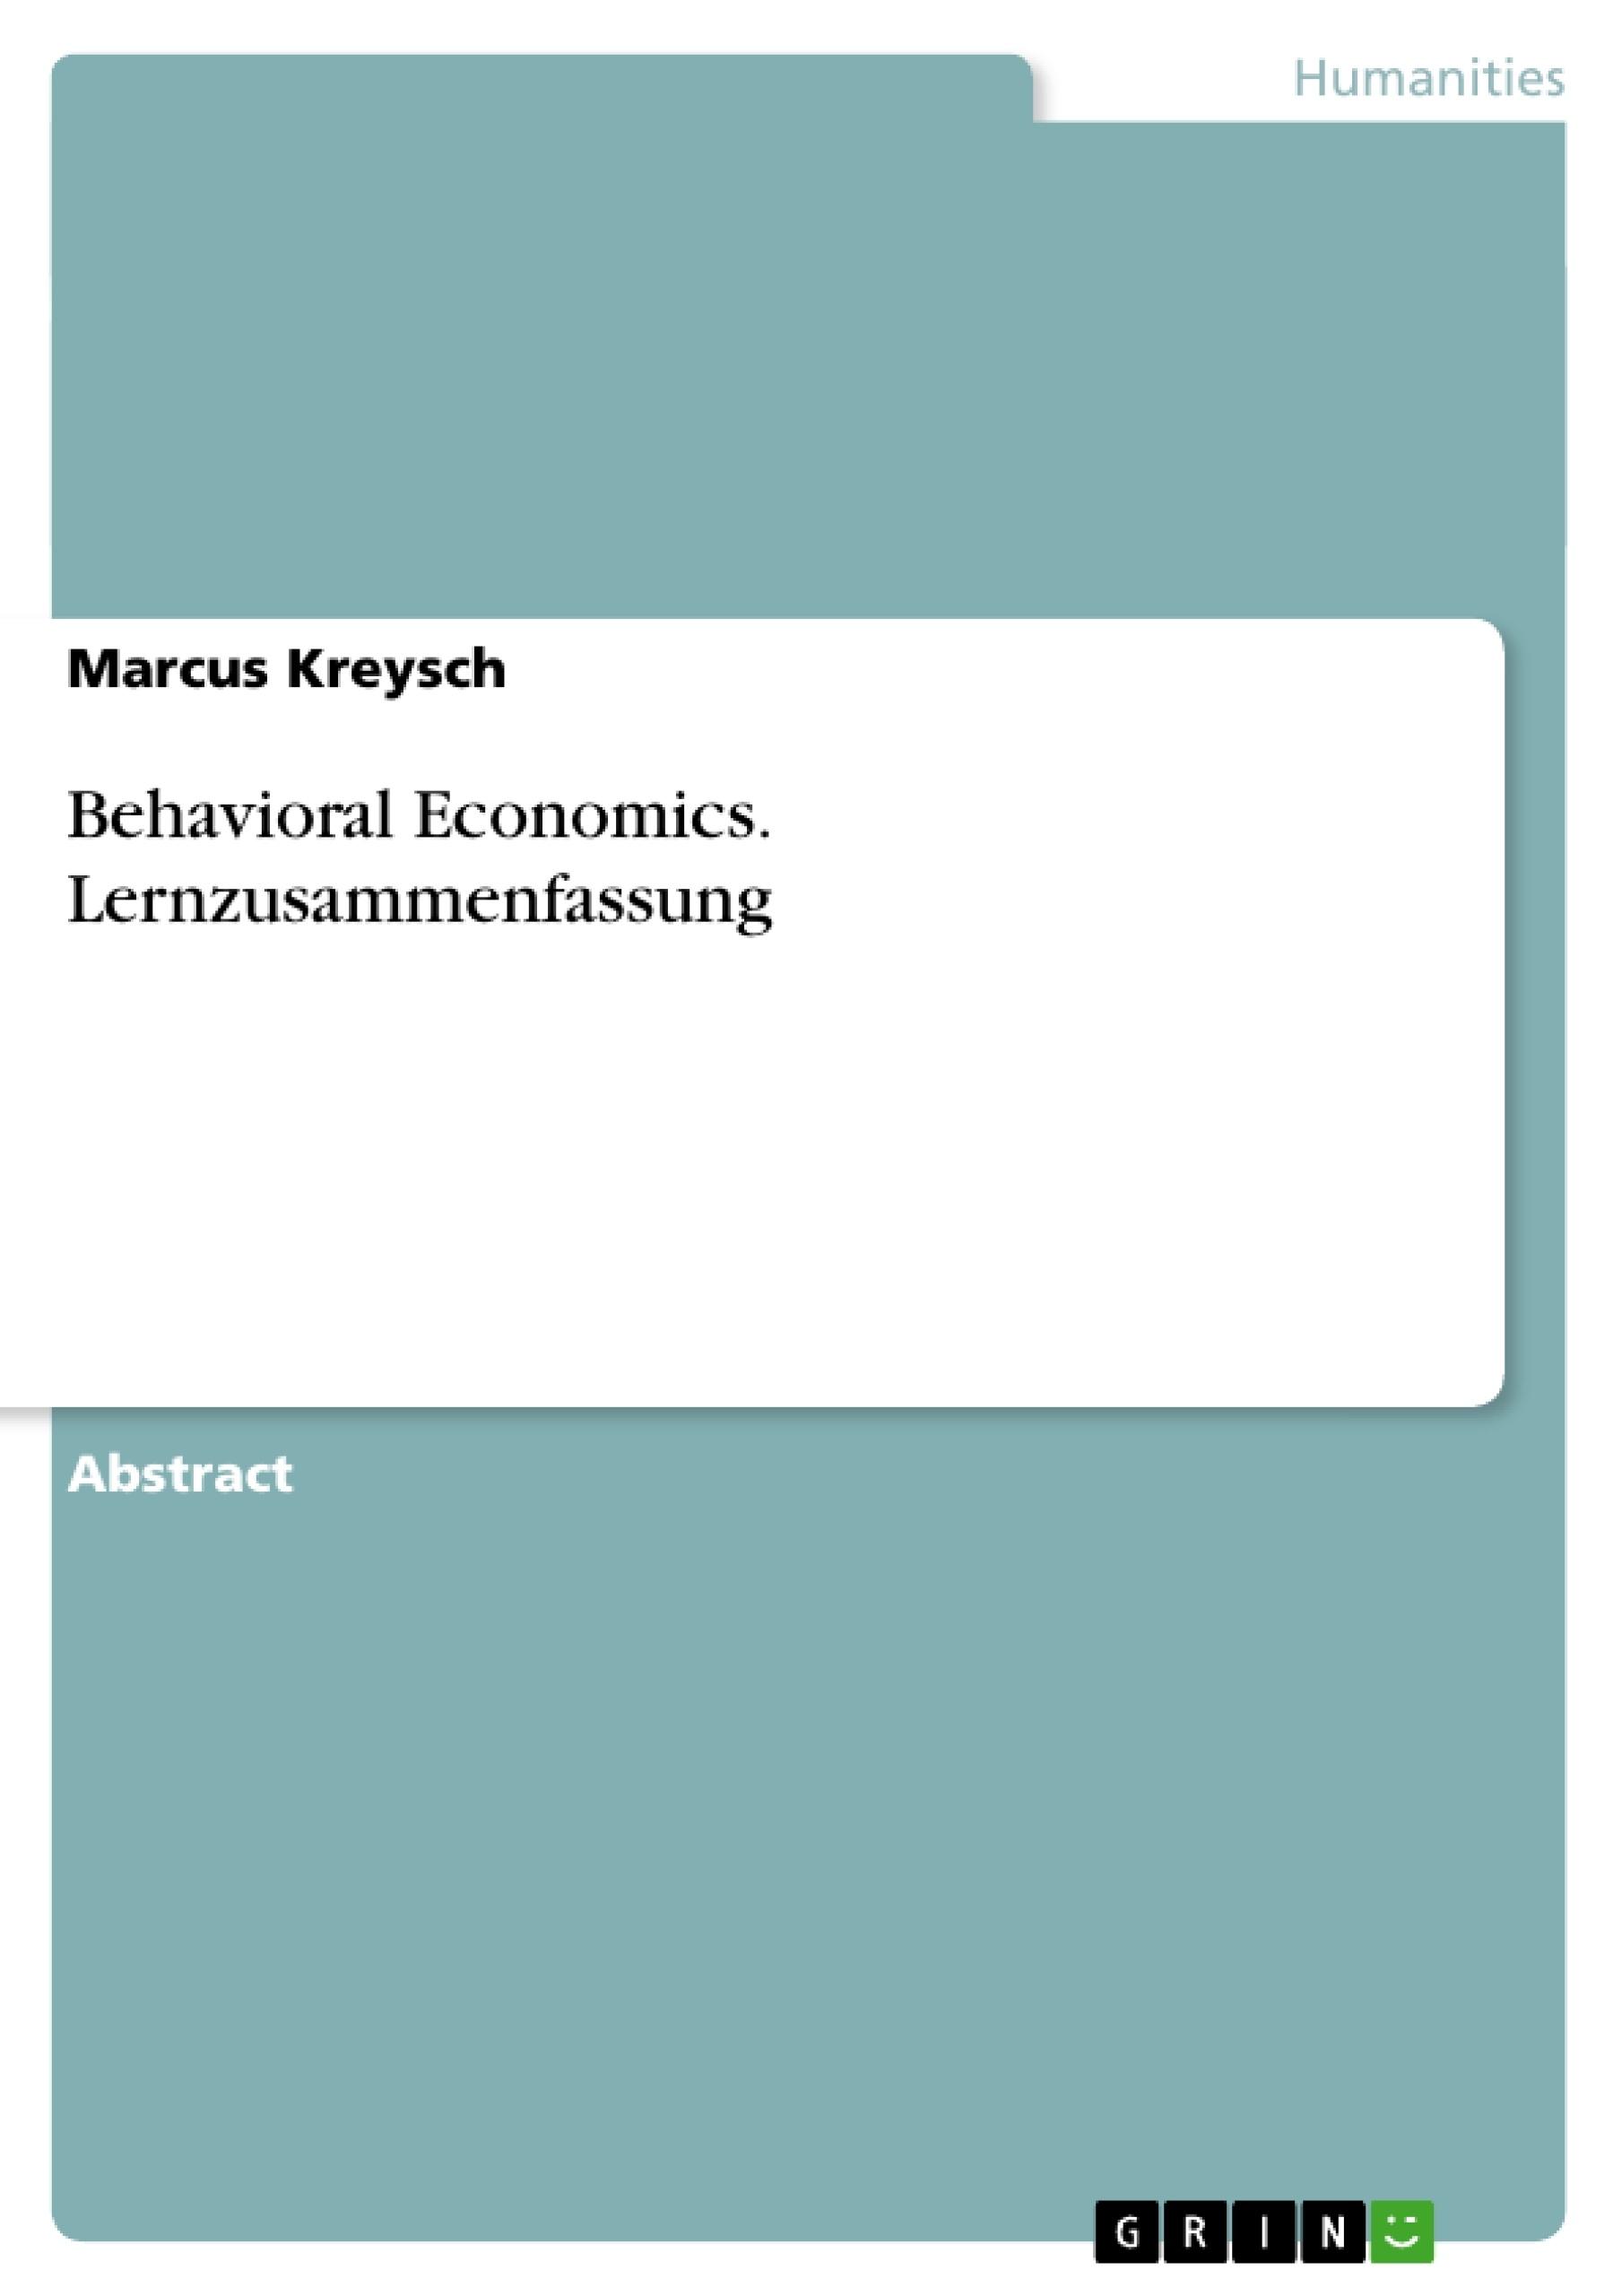 Title: Behavioral Economics. Lernzusammenfassung